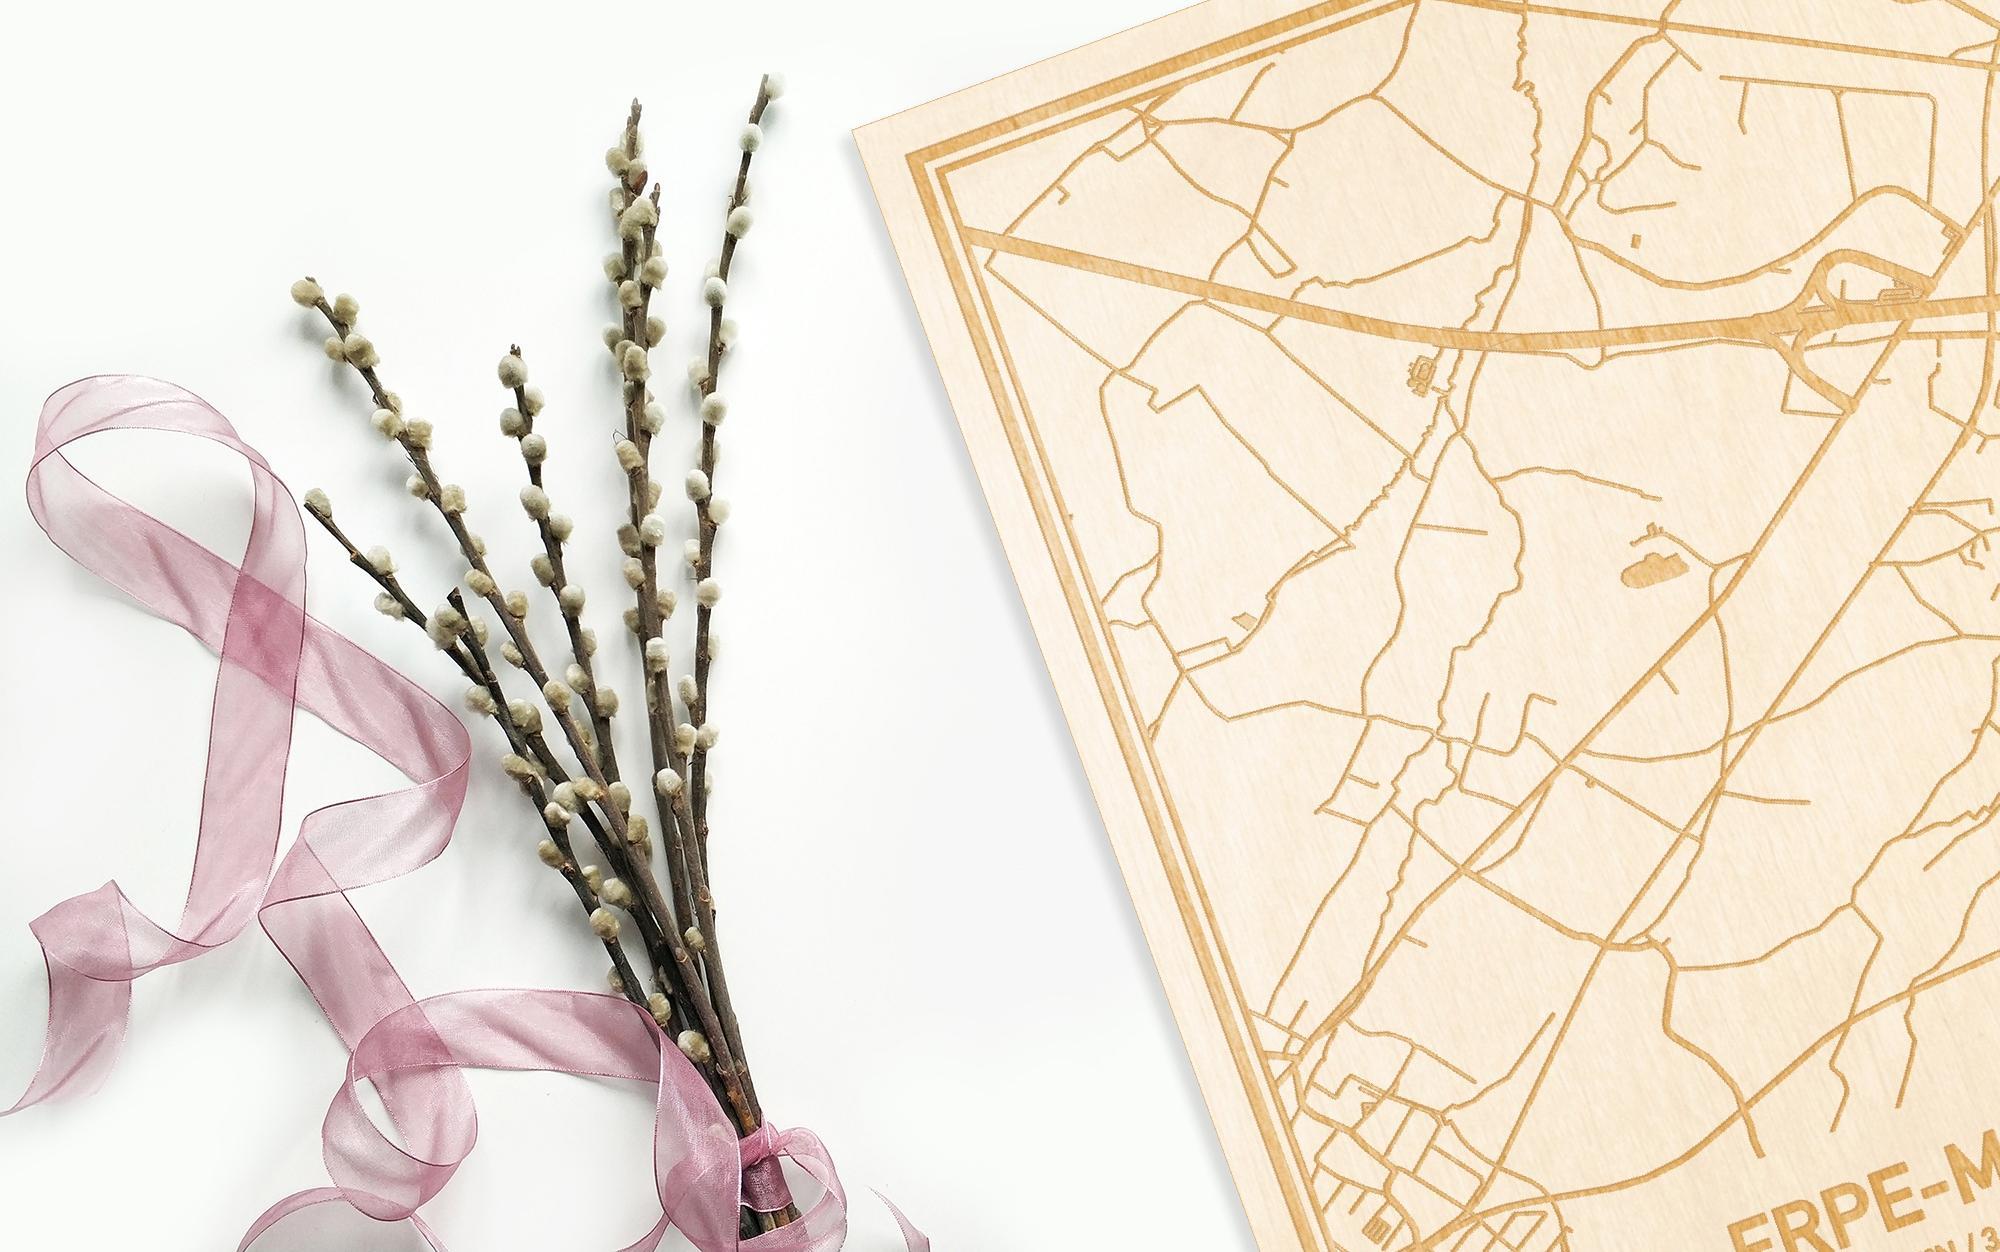 Hier ligt de houten plattegrond Erpe-Mere naast een bloemetje als gepersonaliseerd cadeau voor haar.